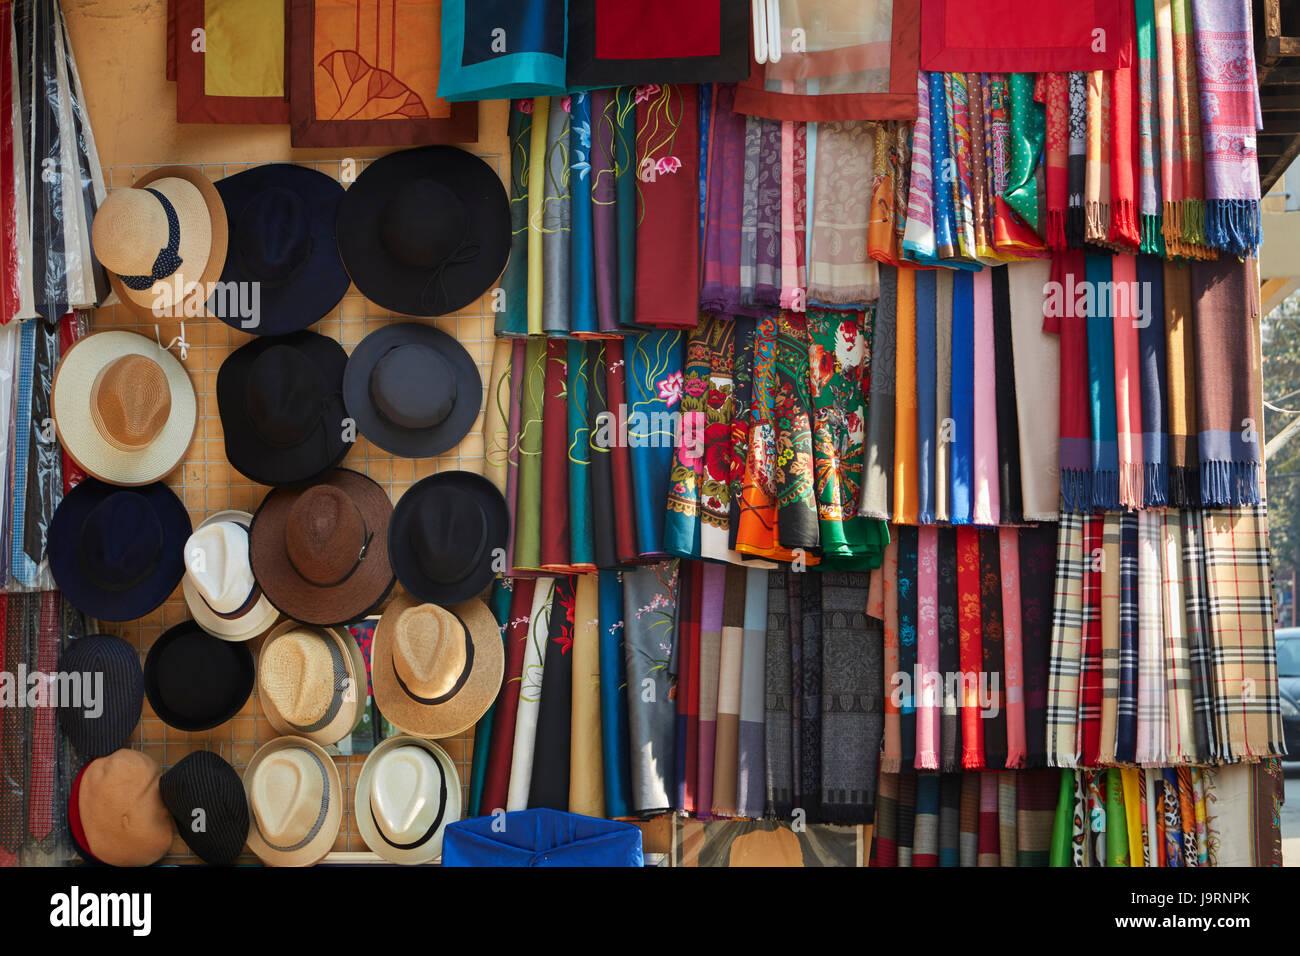 Cappelli e materiale in negozio, il vecchio quartiere di Hanoi, Vietnam Immagini Stock